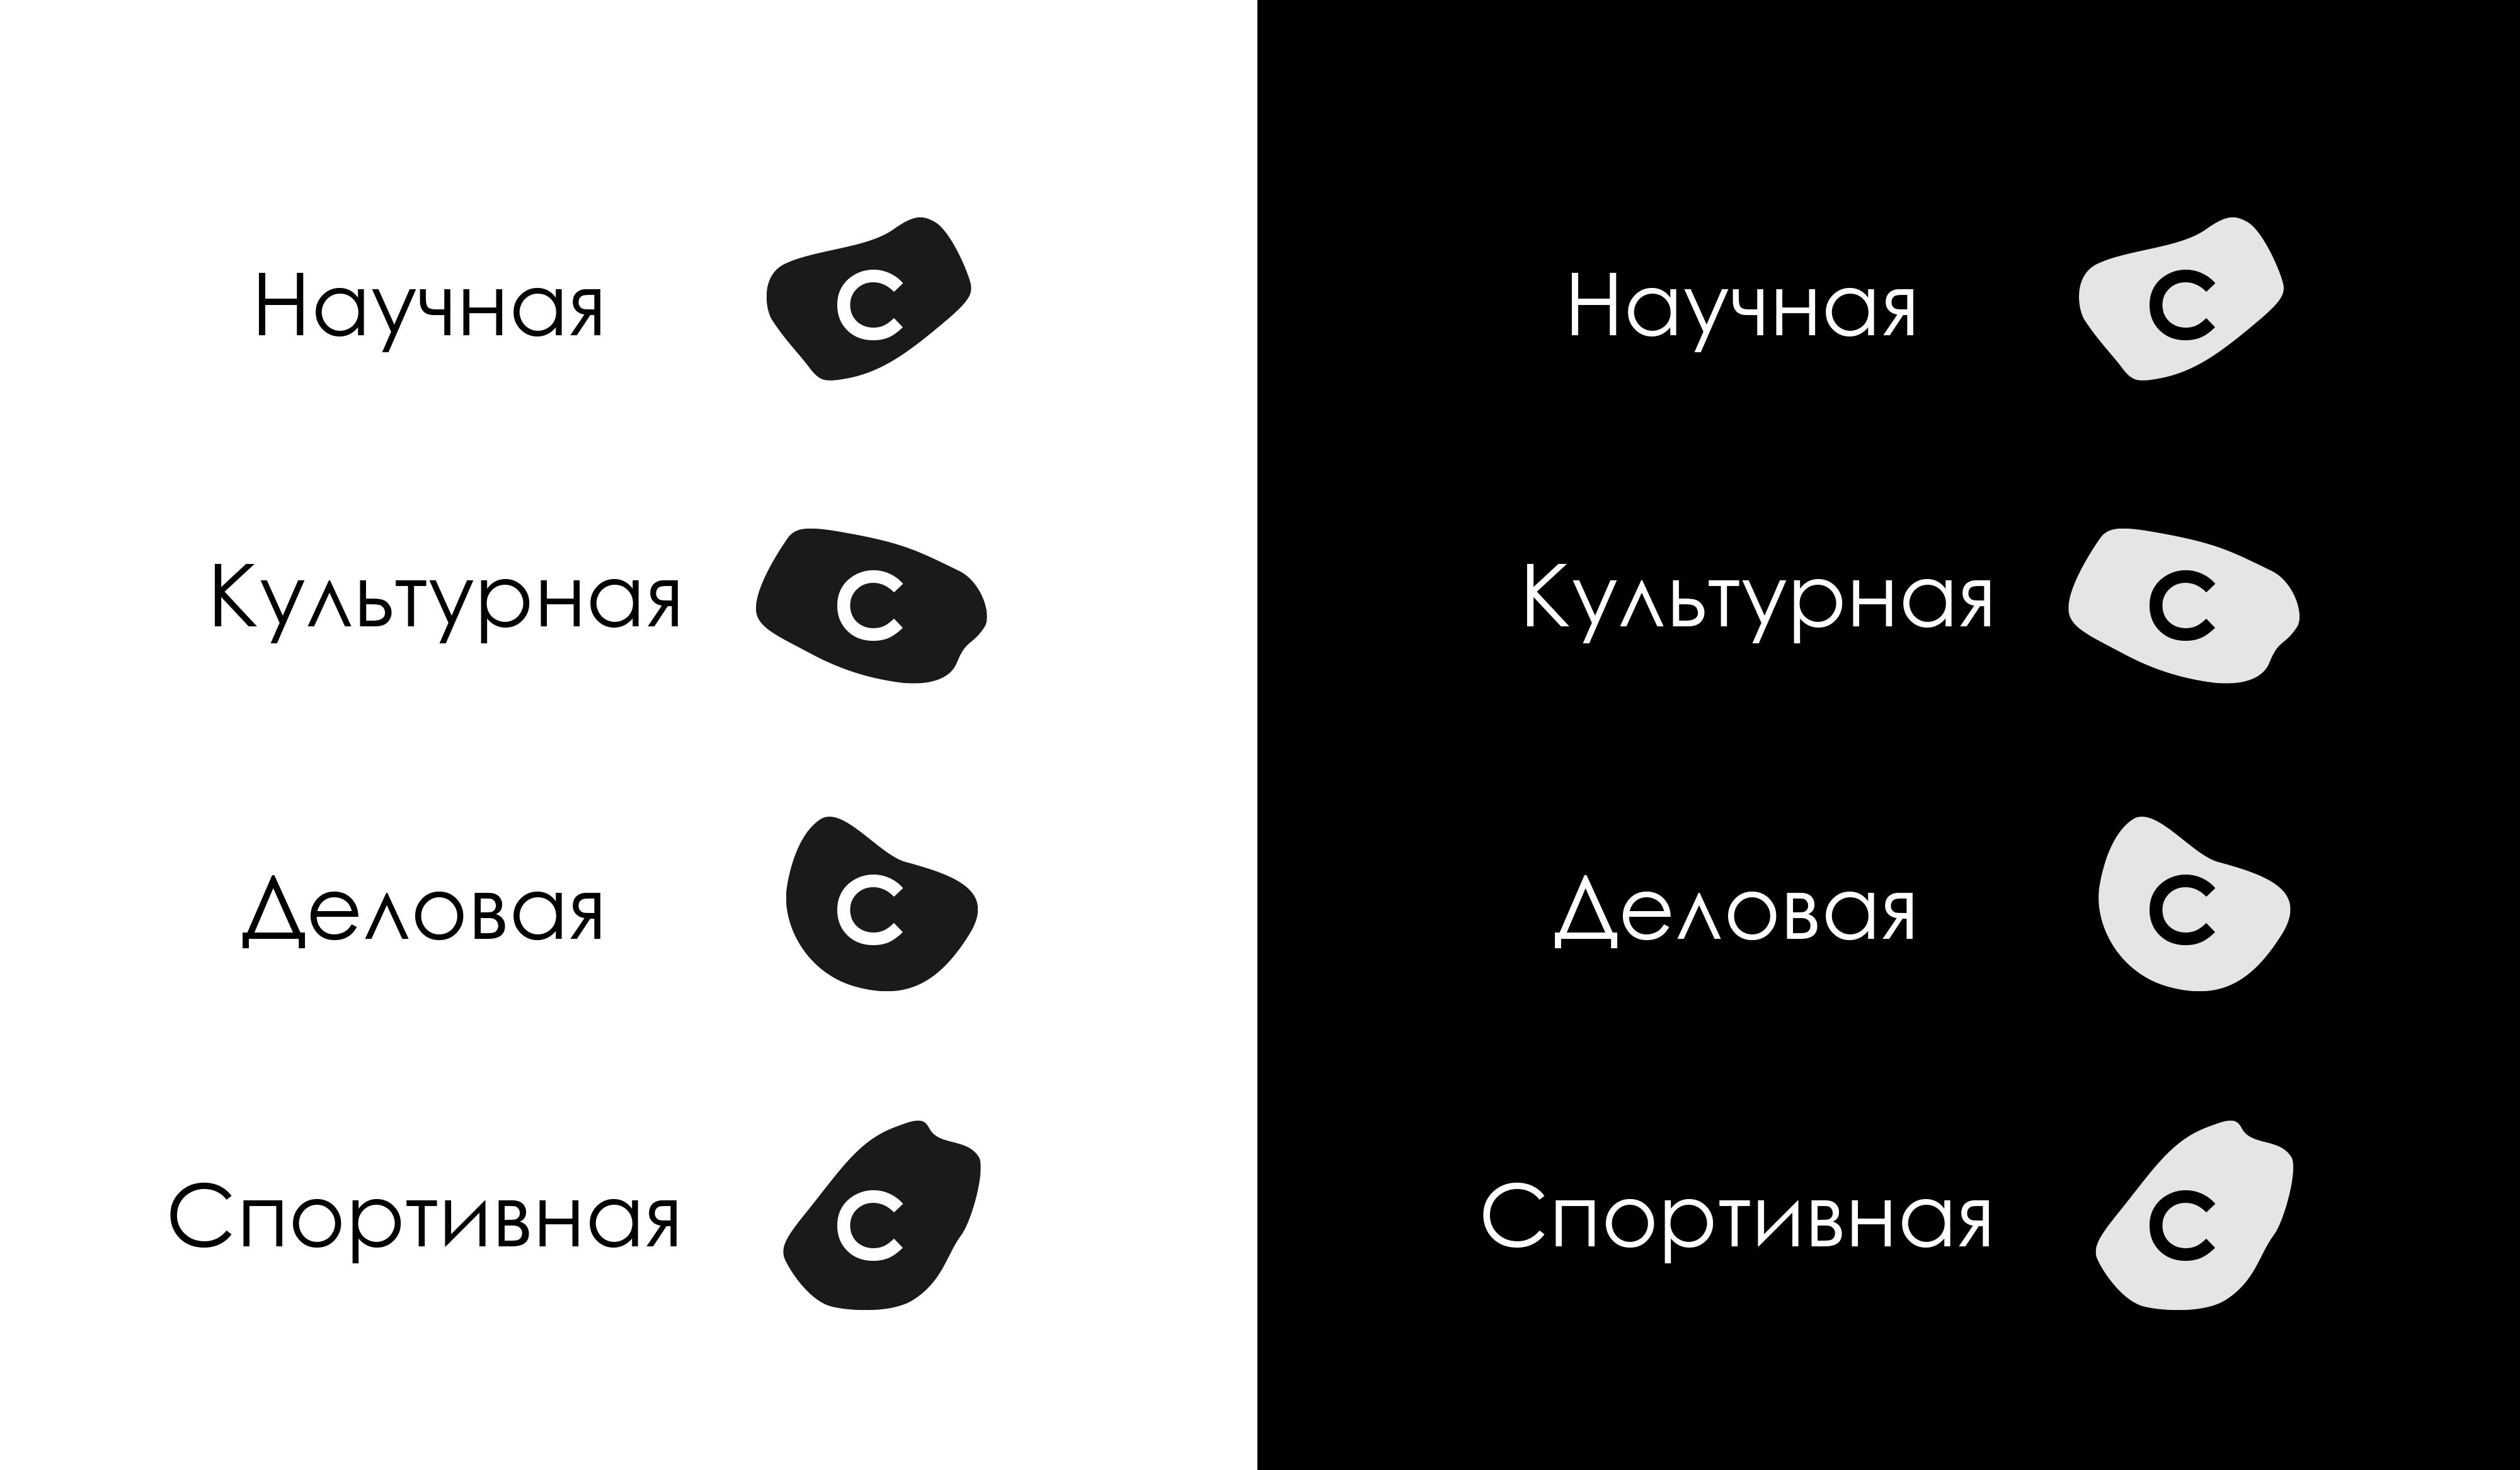 Разработка логотипа для творческого портала фото f_5765b5fd1d120167.jpg